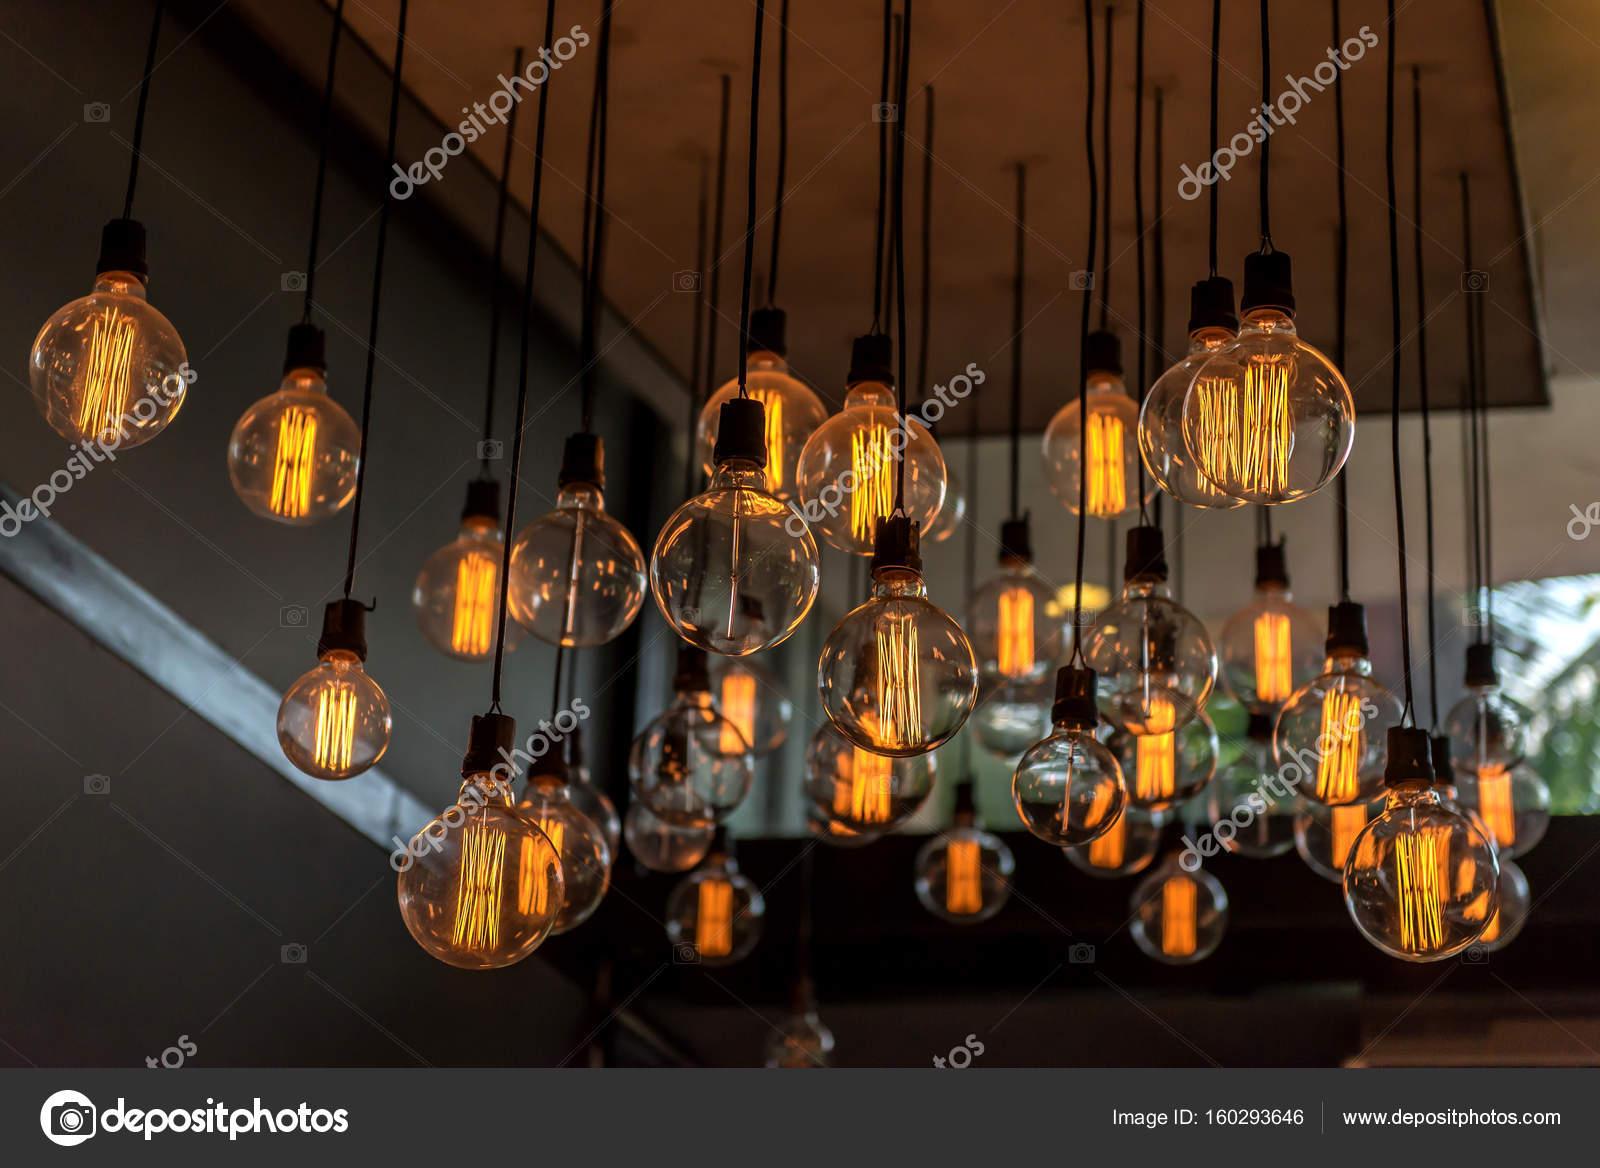 Splendido arredamento vintage illuminazione per interni di edifici